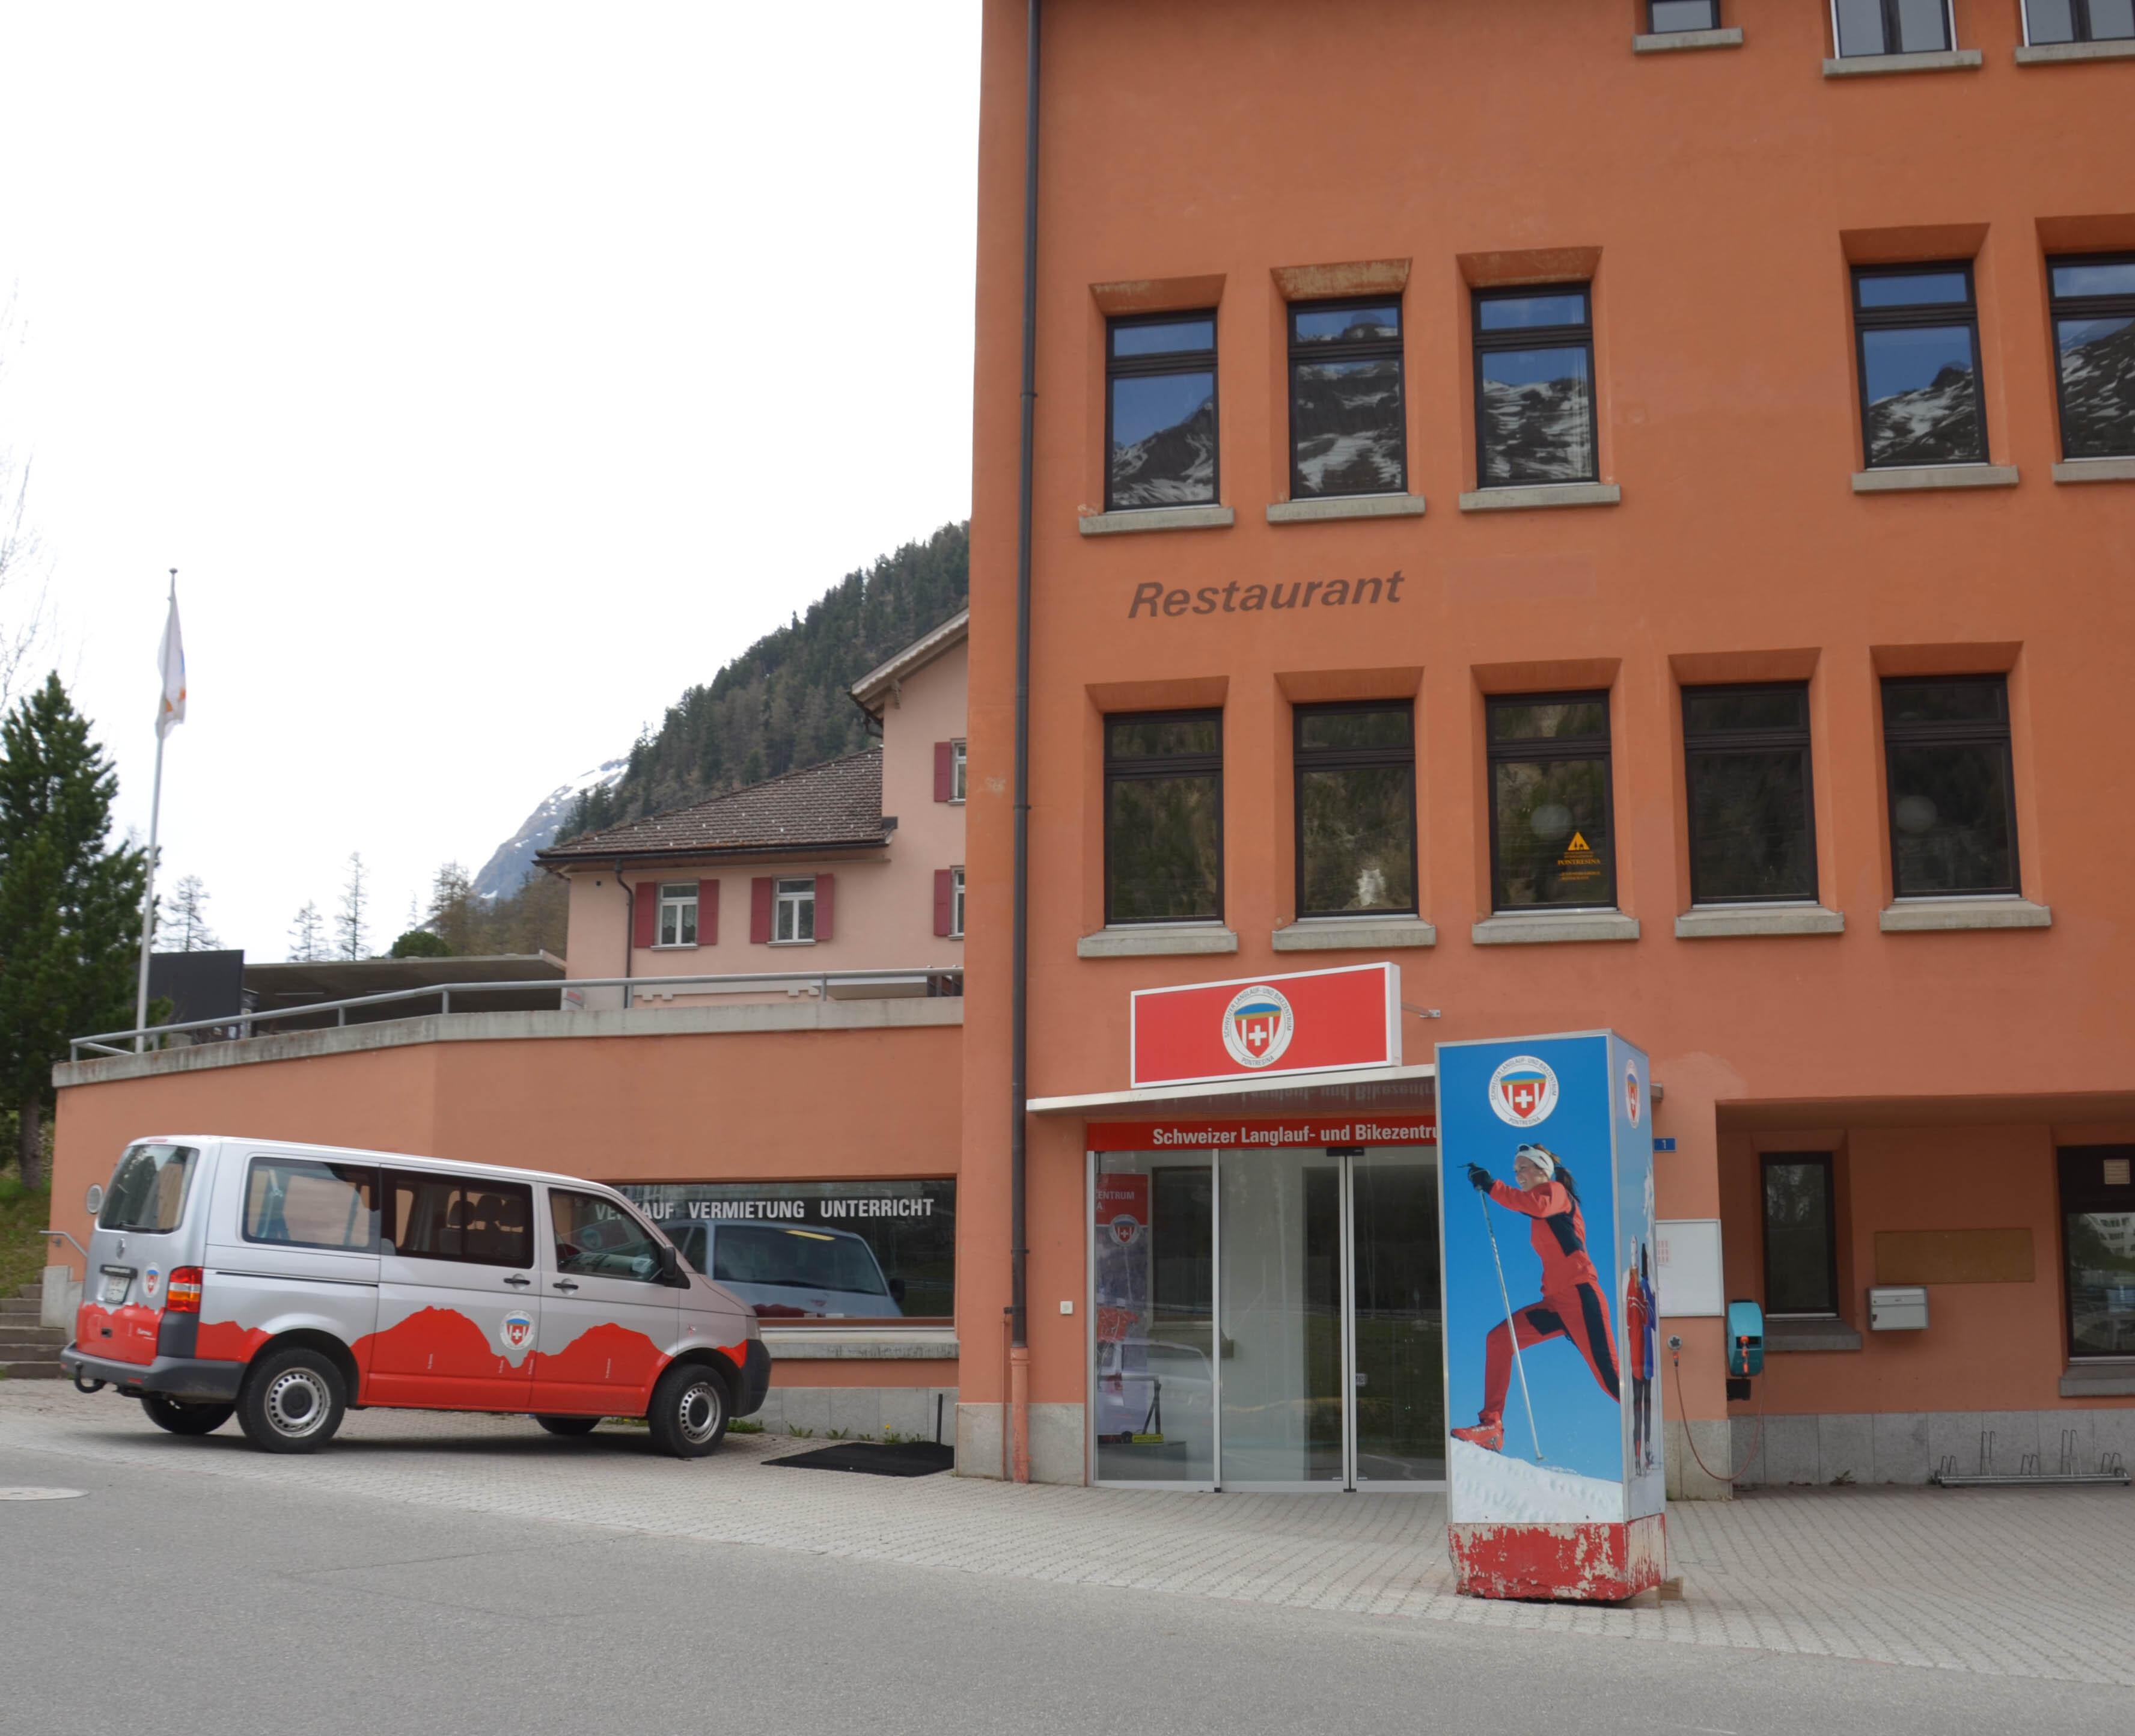 Schweizer Langlauf- und Bikezentrum Slide 8